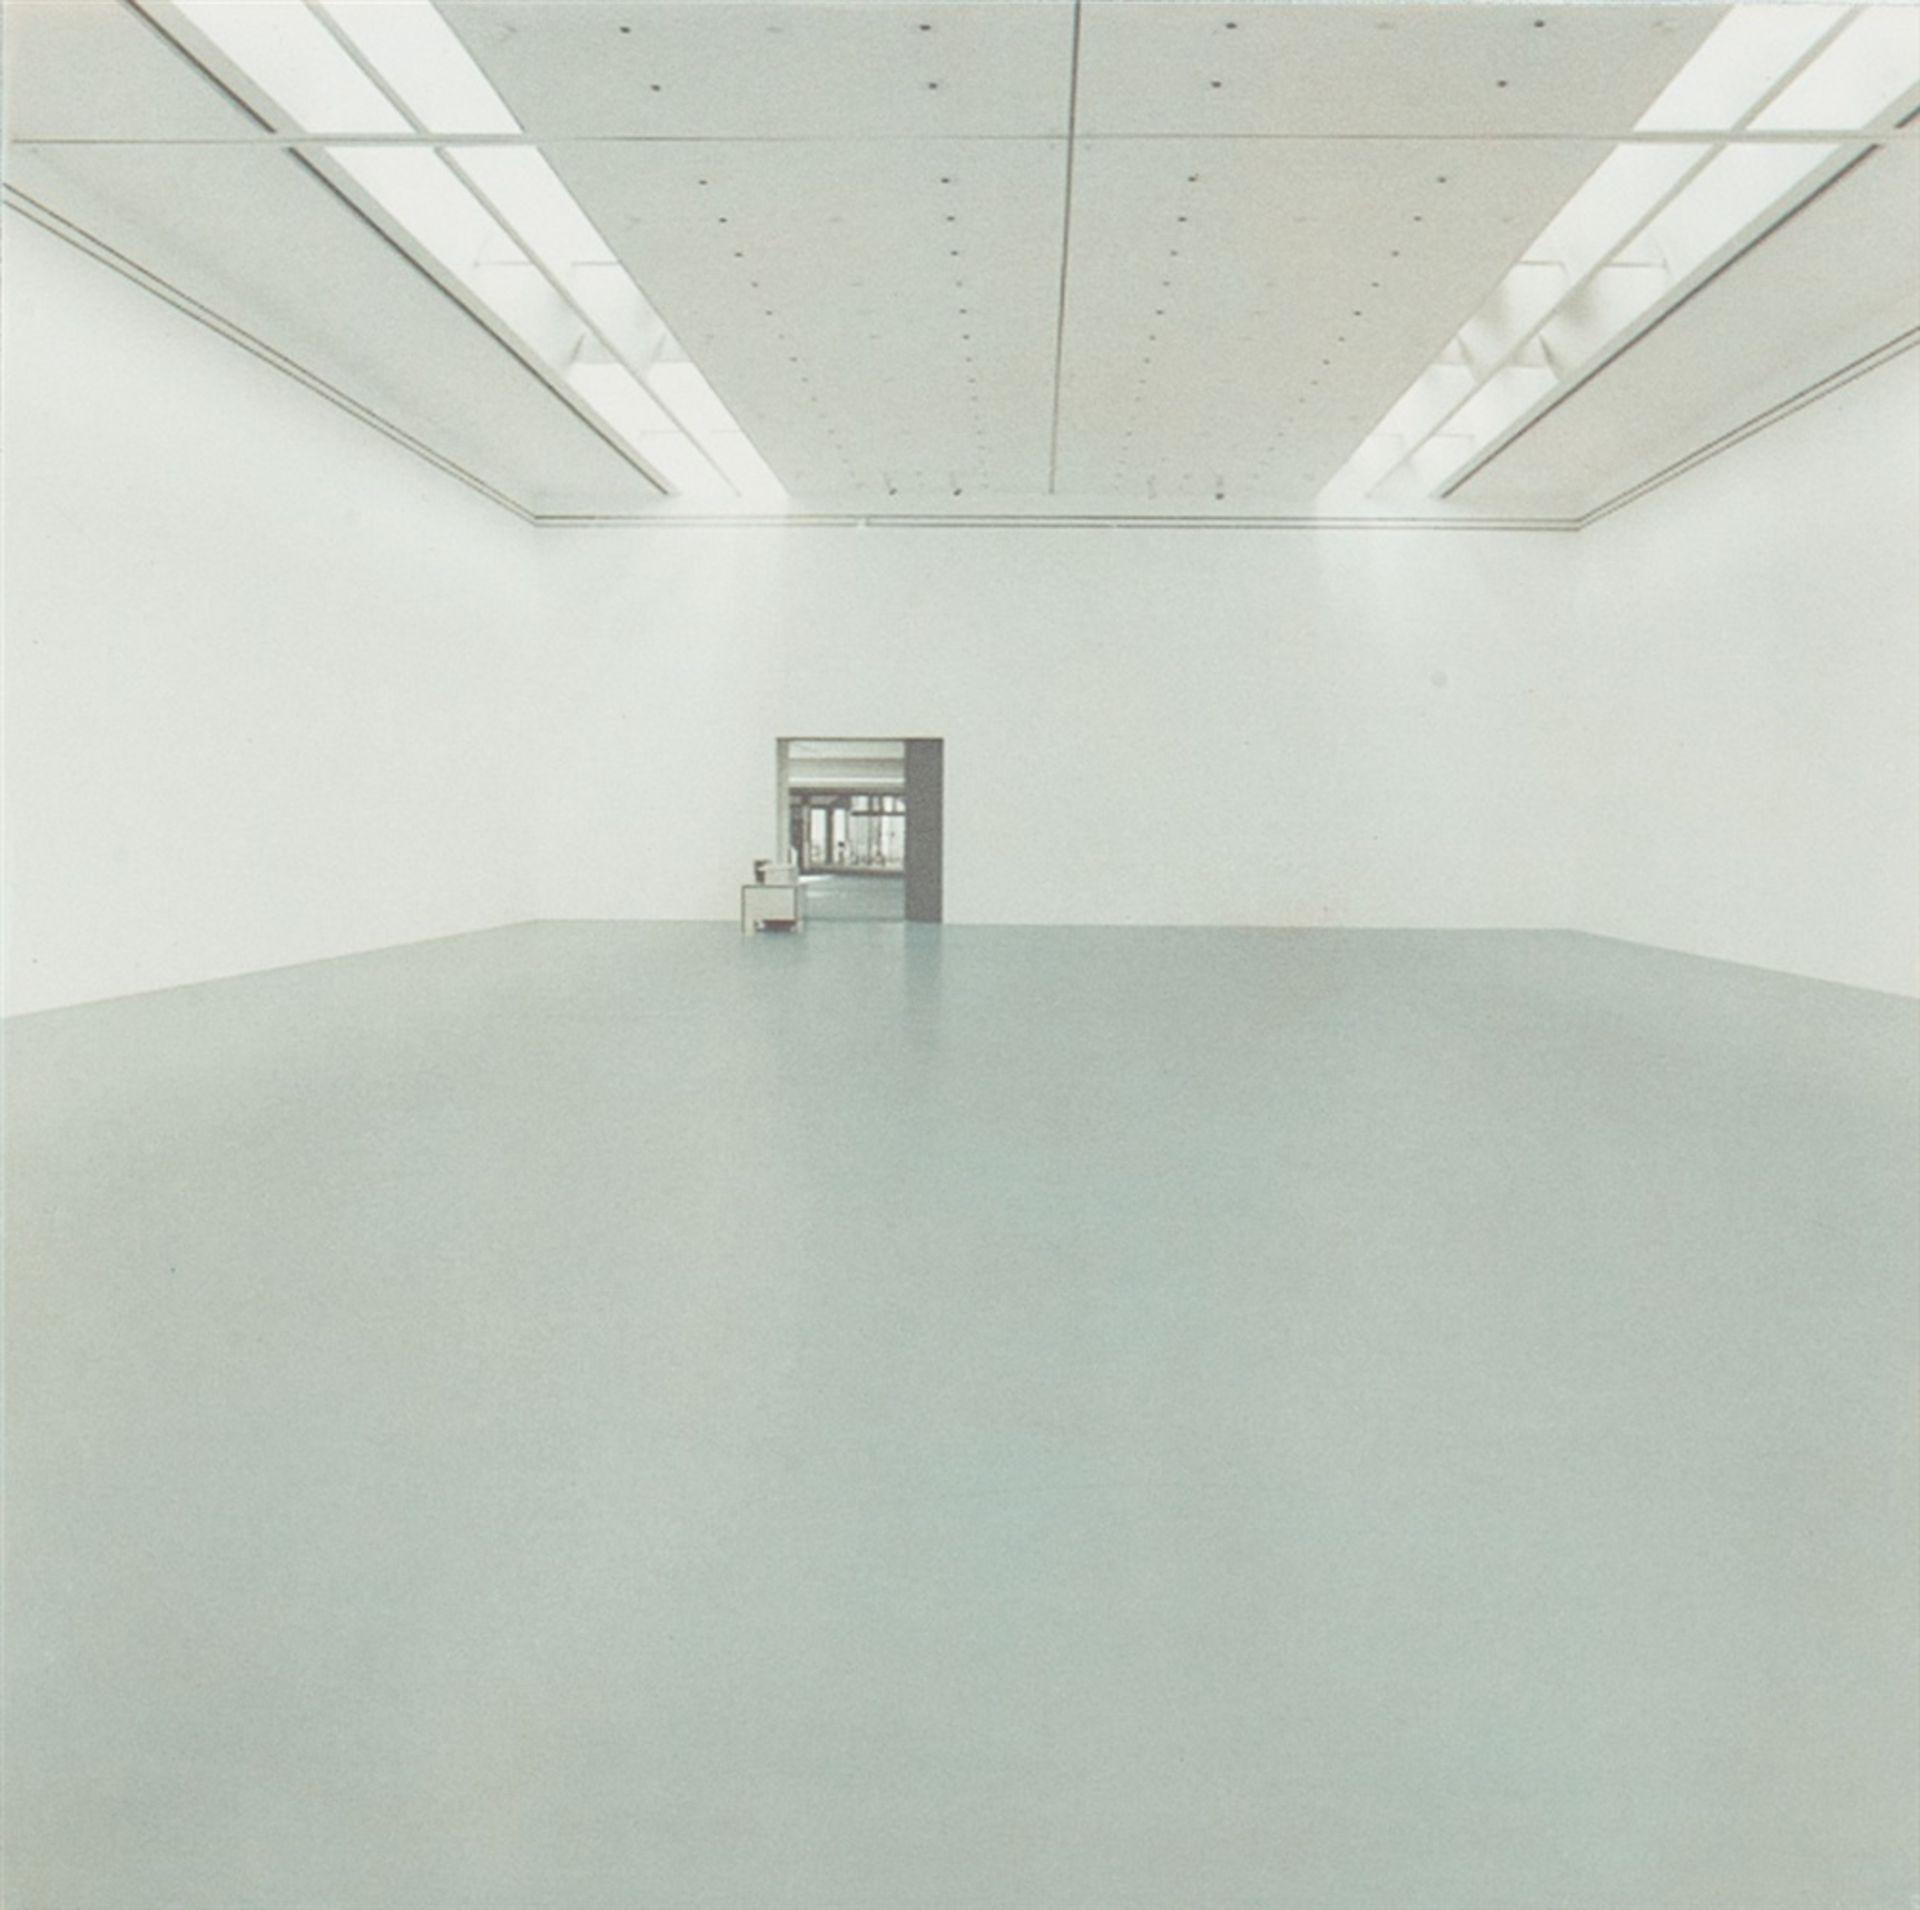 Elmgreen & DragsetOhne Titel (aus der Serie: Deutsche Museen) - Bild 6 aus 8